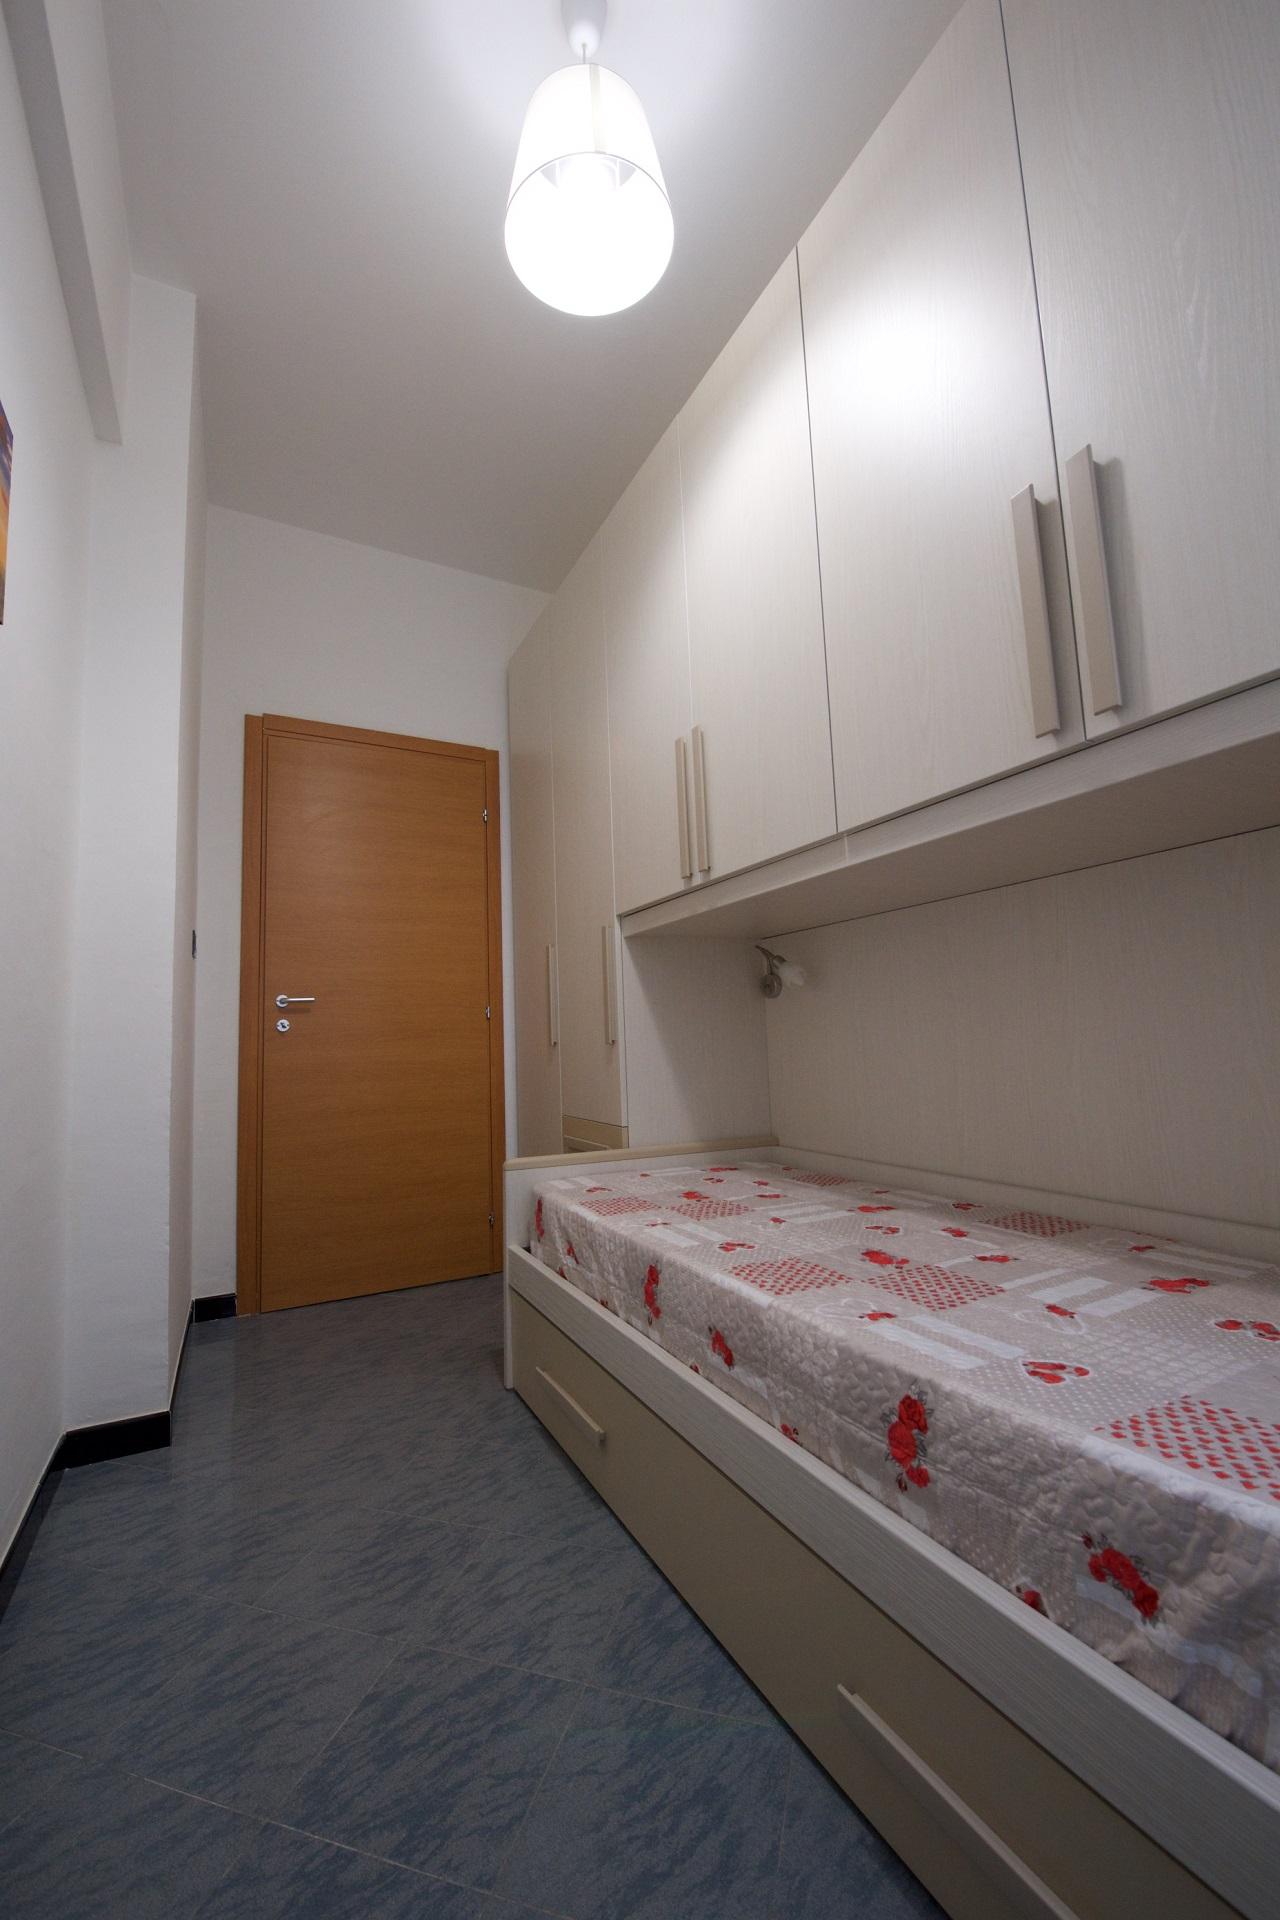 Affitto casa vacanza savona appartamenti casalice for Appartamenti vacanze affitto